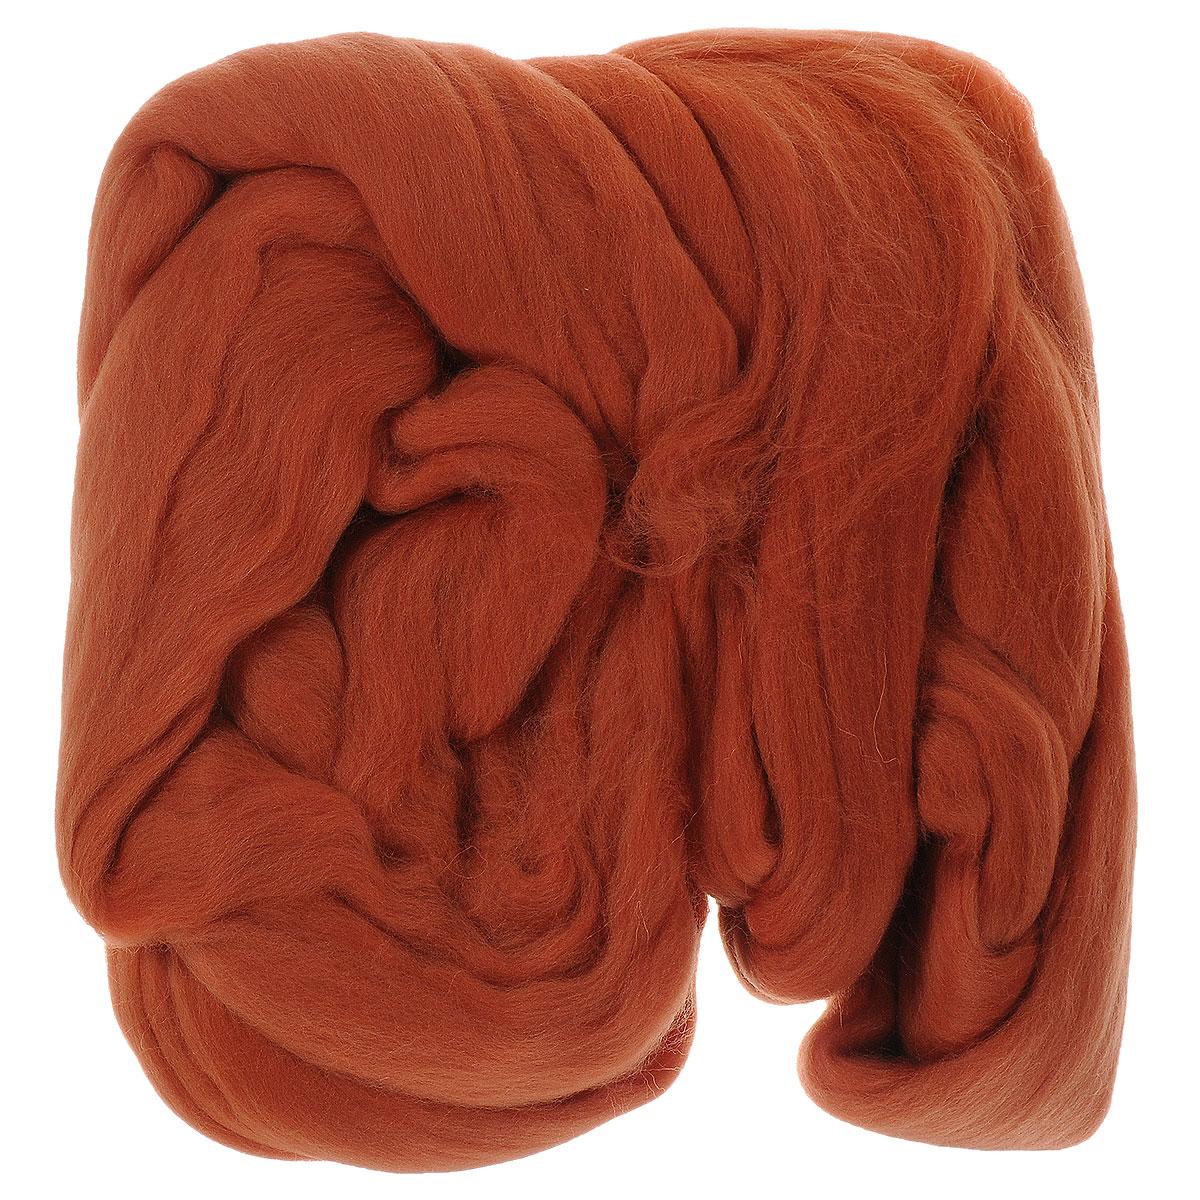 Шерсть для валяния Астра, тонкая, цвет: багряный (0131), 100 г366137_0131Тонкая шерсть для валяния Астра идеально подходит для сухого и мокрого валяния. Шерсть не линяет и не вызывает аллергию. Выполнена из 100% натурального материала. Валяние шерсти - это особая техника рукоделия, в процессе которой из шерсти для валяния создается рисунок на ткани или войлоке, объемные игрушки, панно, декоративные элементы, предметы одежды или аксессуары. Только натуральная шерсть обладает способностью сваливаться или свойлачиваться.